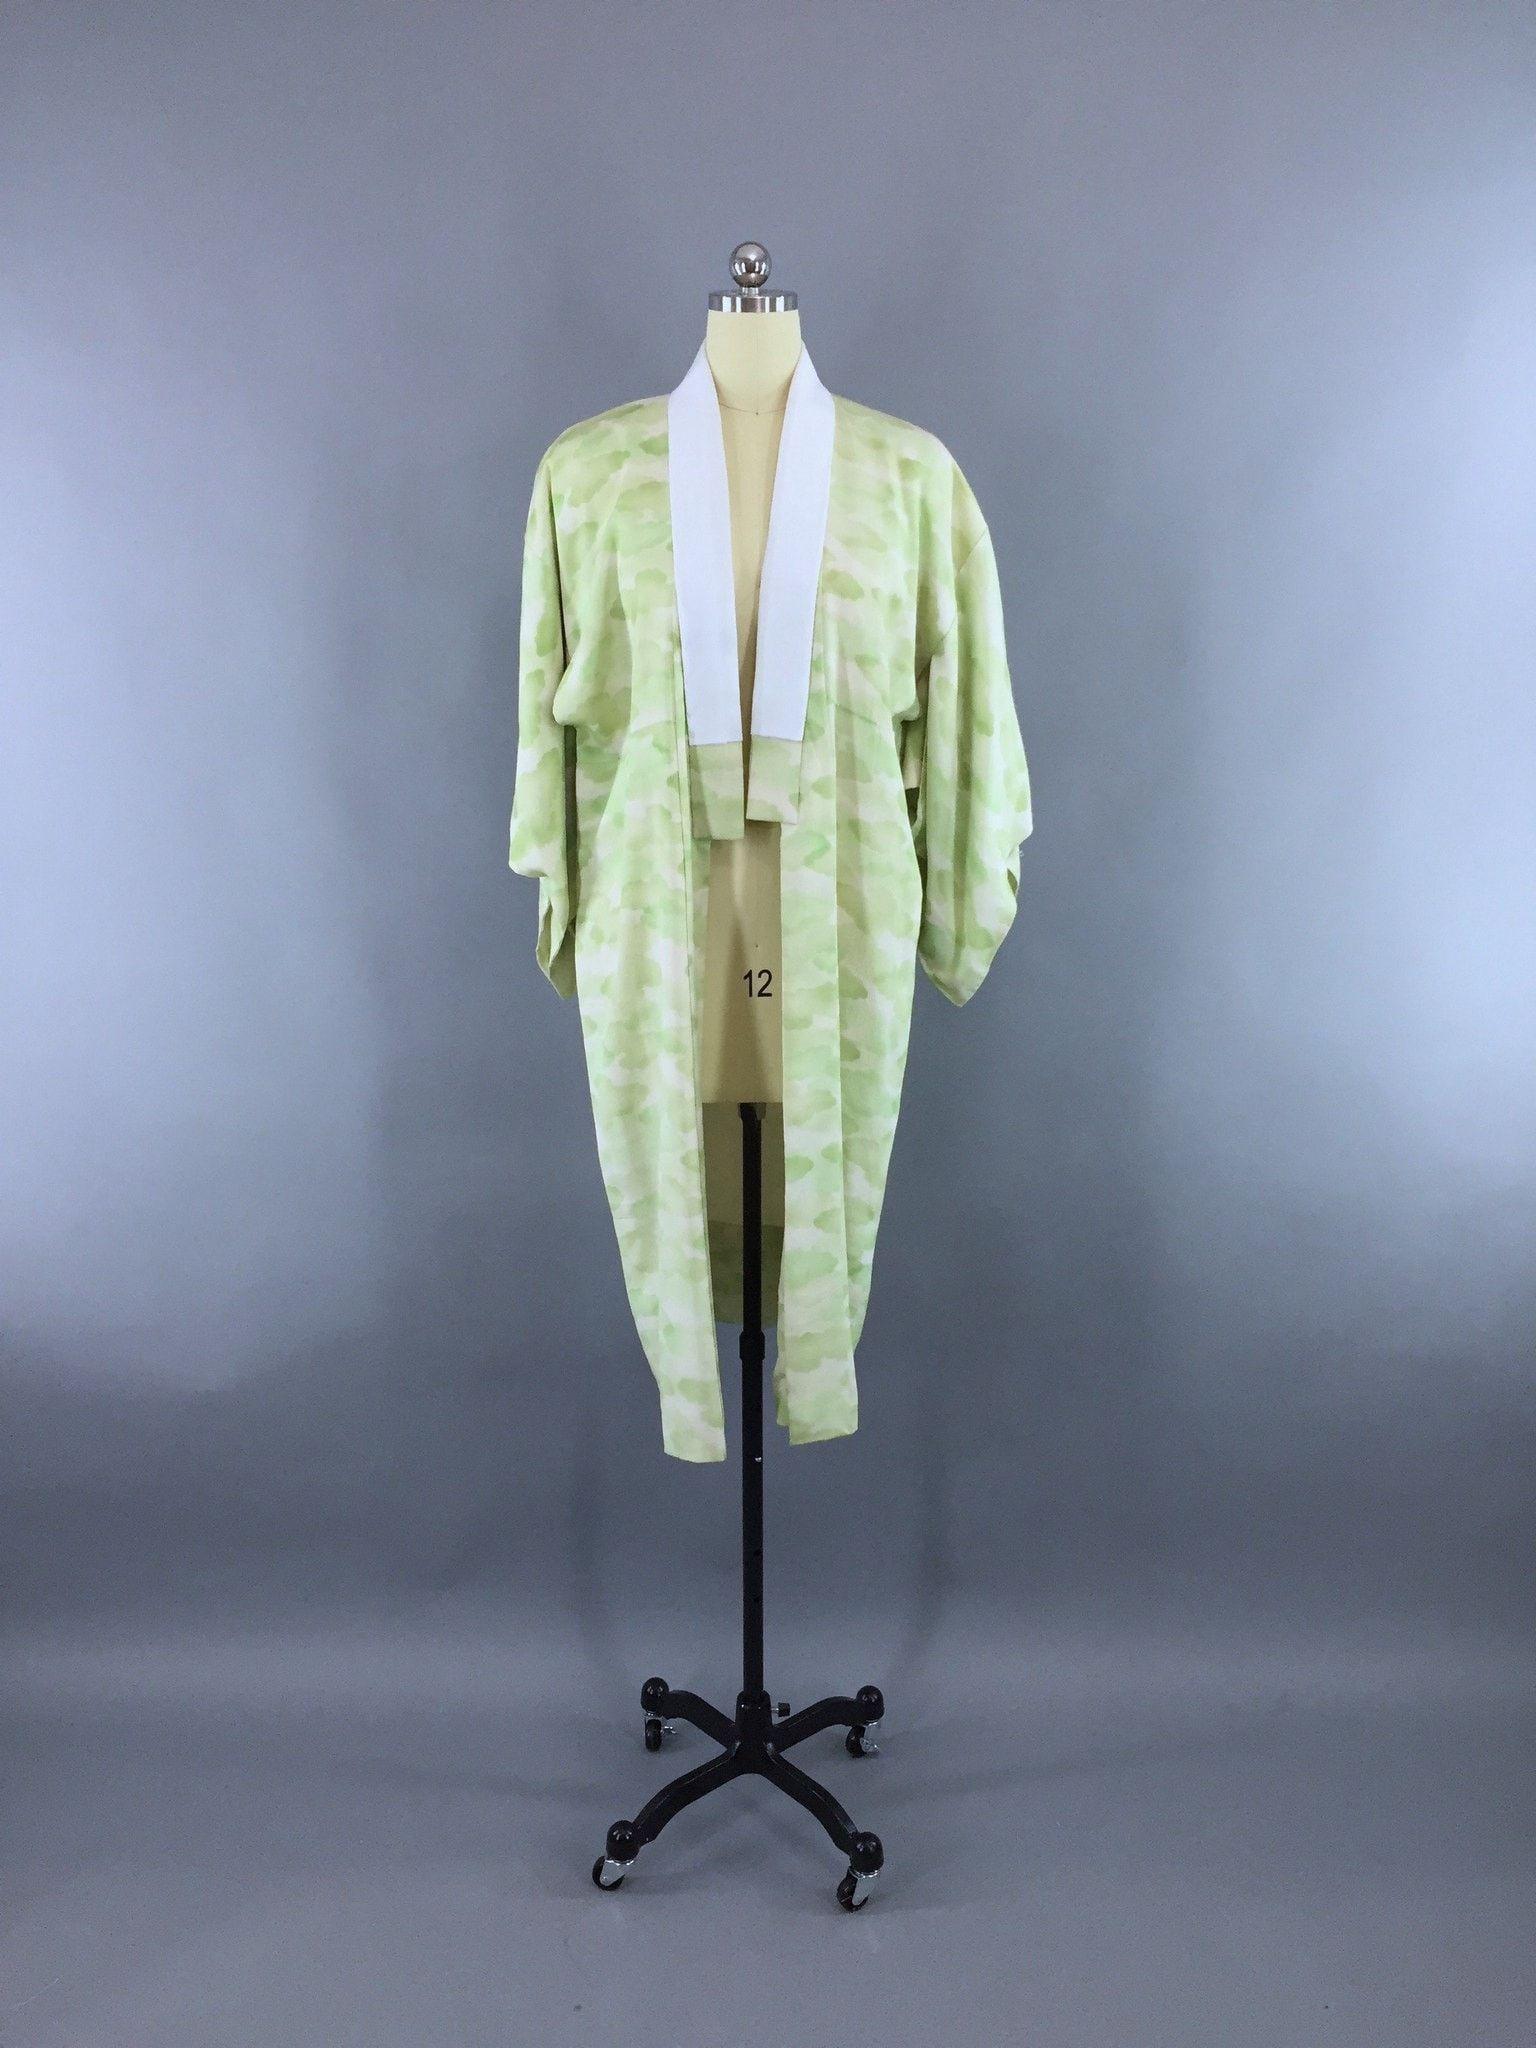 Vintage Silk Kimono Robe / Vintage Dressing Gown / Vintage Lingerie Robe / Loungewear / 1950s White Black & Red Stripes axHBX98RC